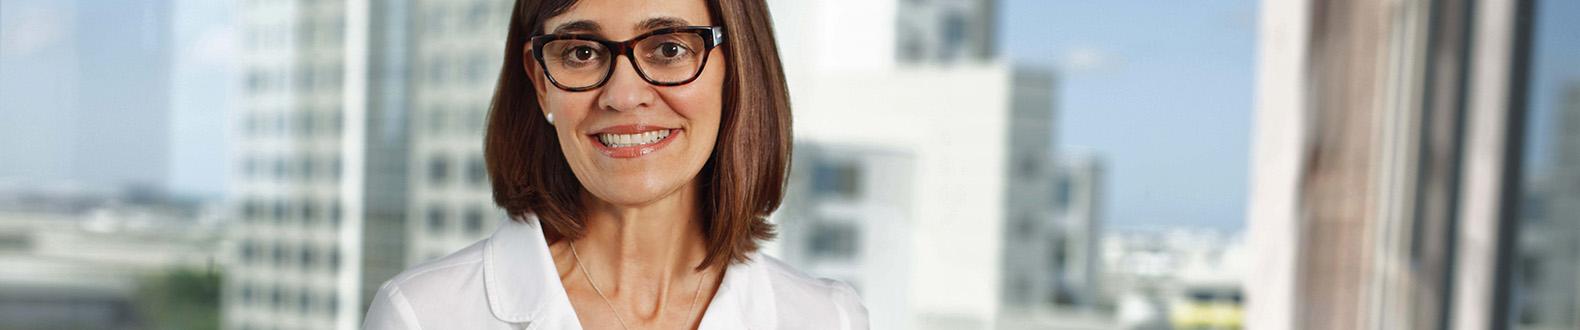 DB_Schenker_M01_Professional-White-Collar-Female_WindowViewPhone-data